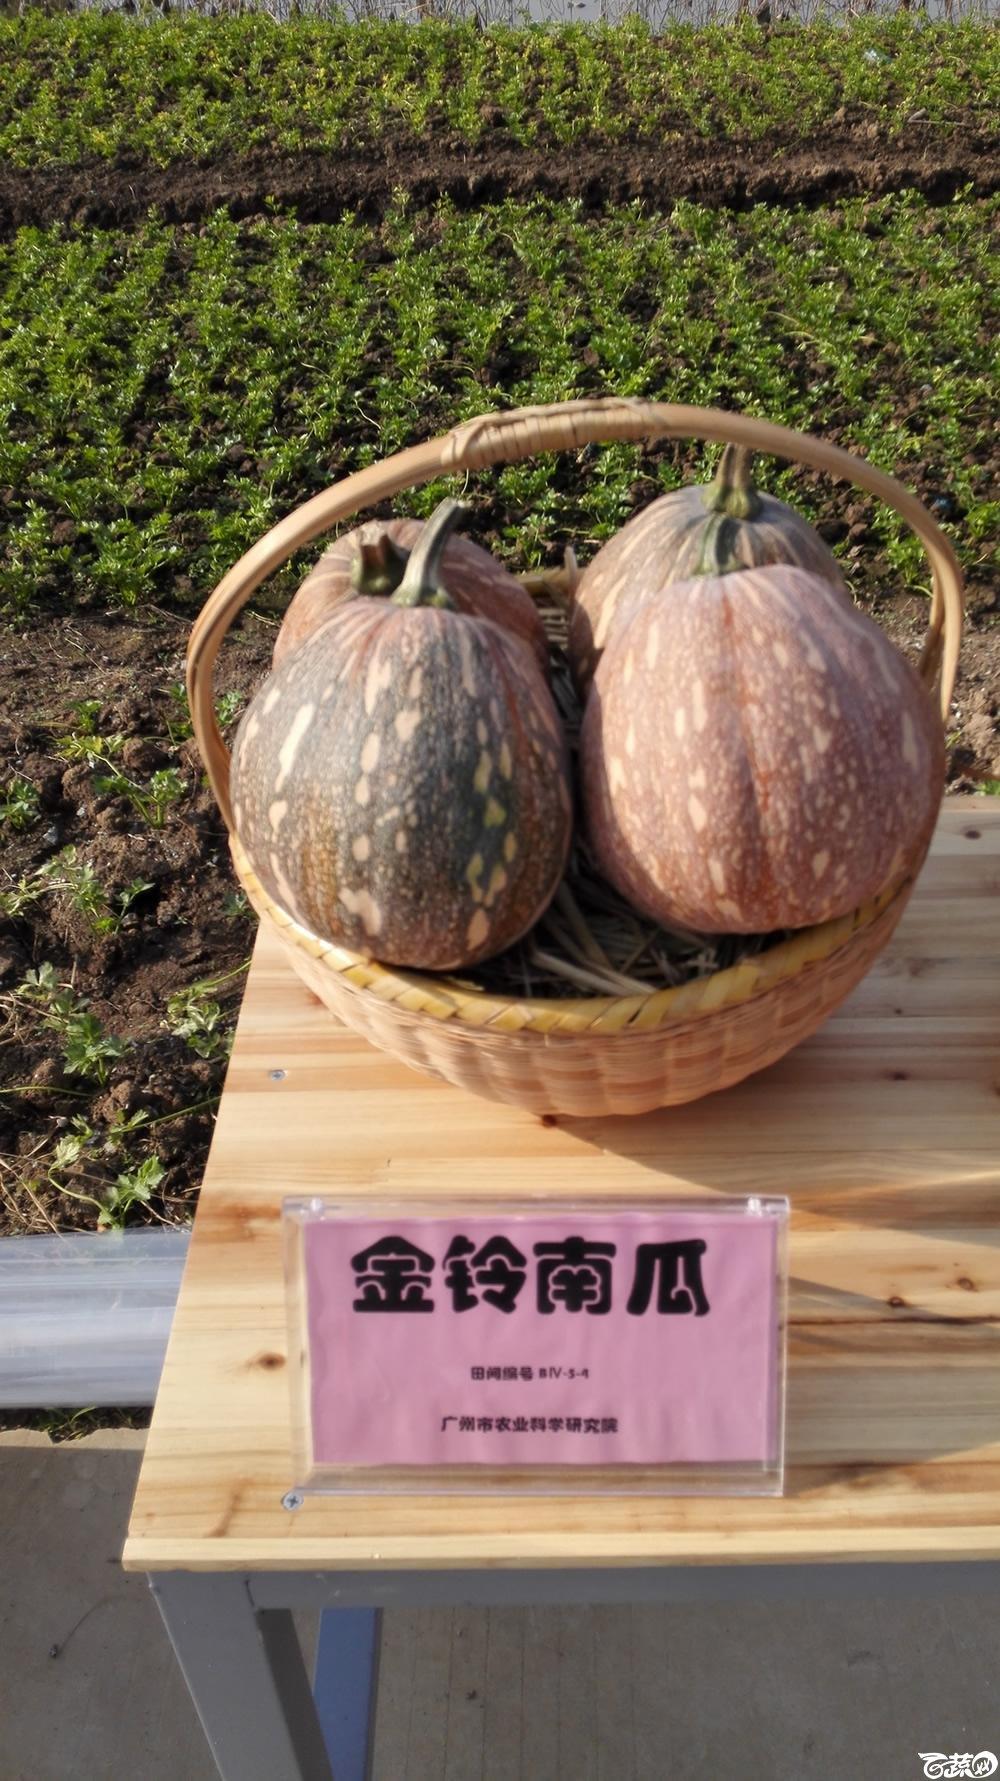 2014年12月10号广州市农科院南沙秋季蔬菜新品种展示会_瓜类_001.jpg